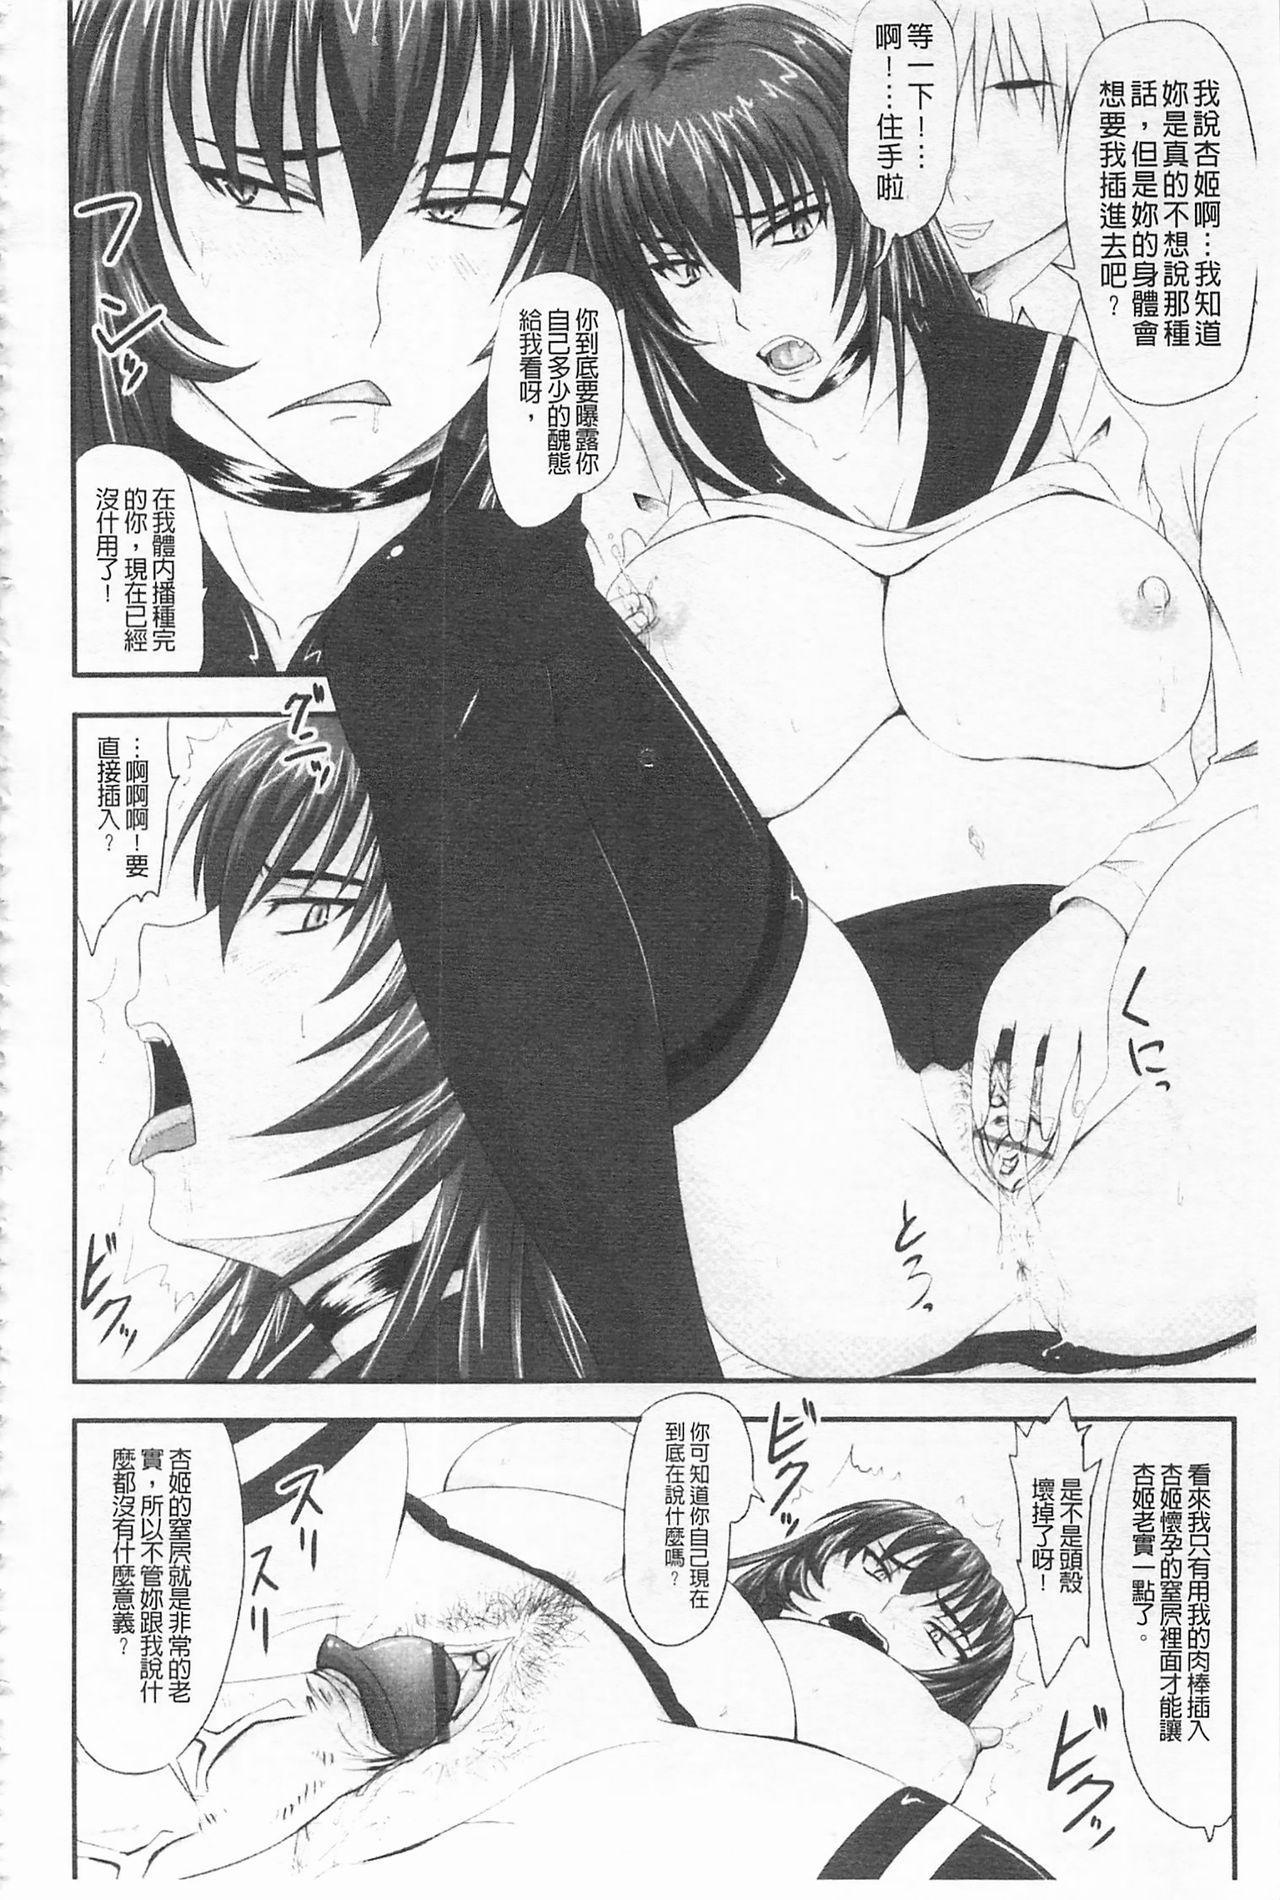 [Nozarashi Satoru] Do S na Hime wa Kegasareru -Ouhou no Shou-   超S的公主被玷汙了 ~報應之章~ [Chinese] 16